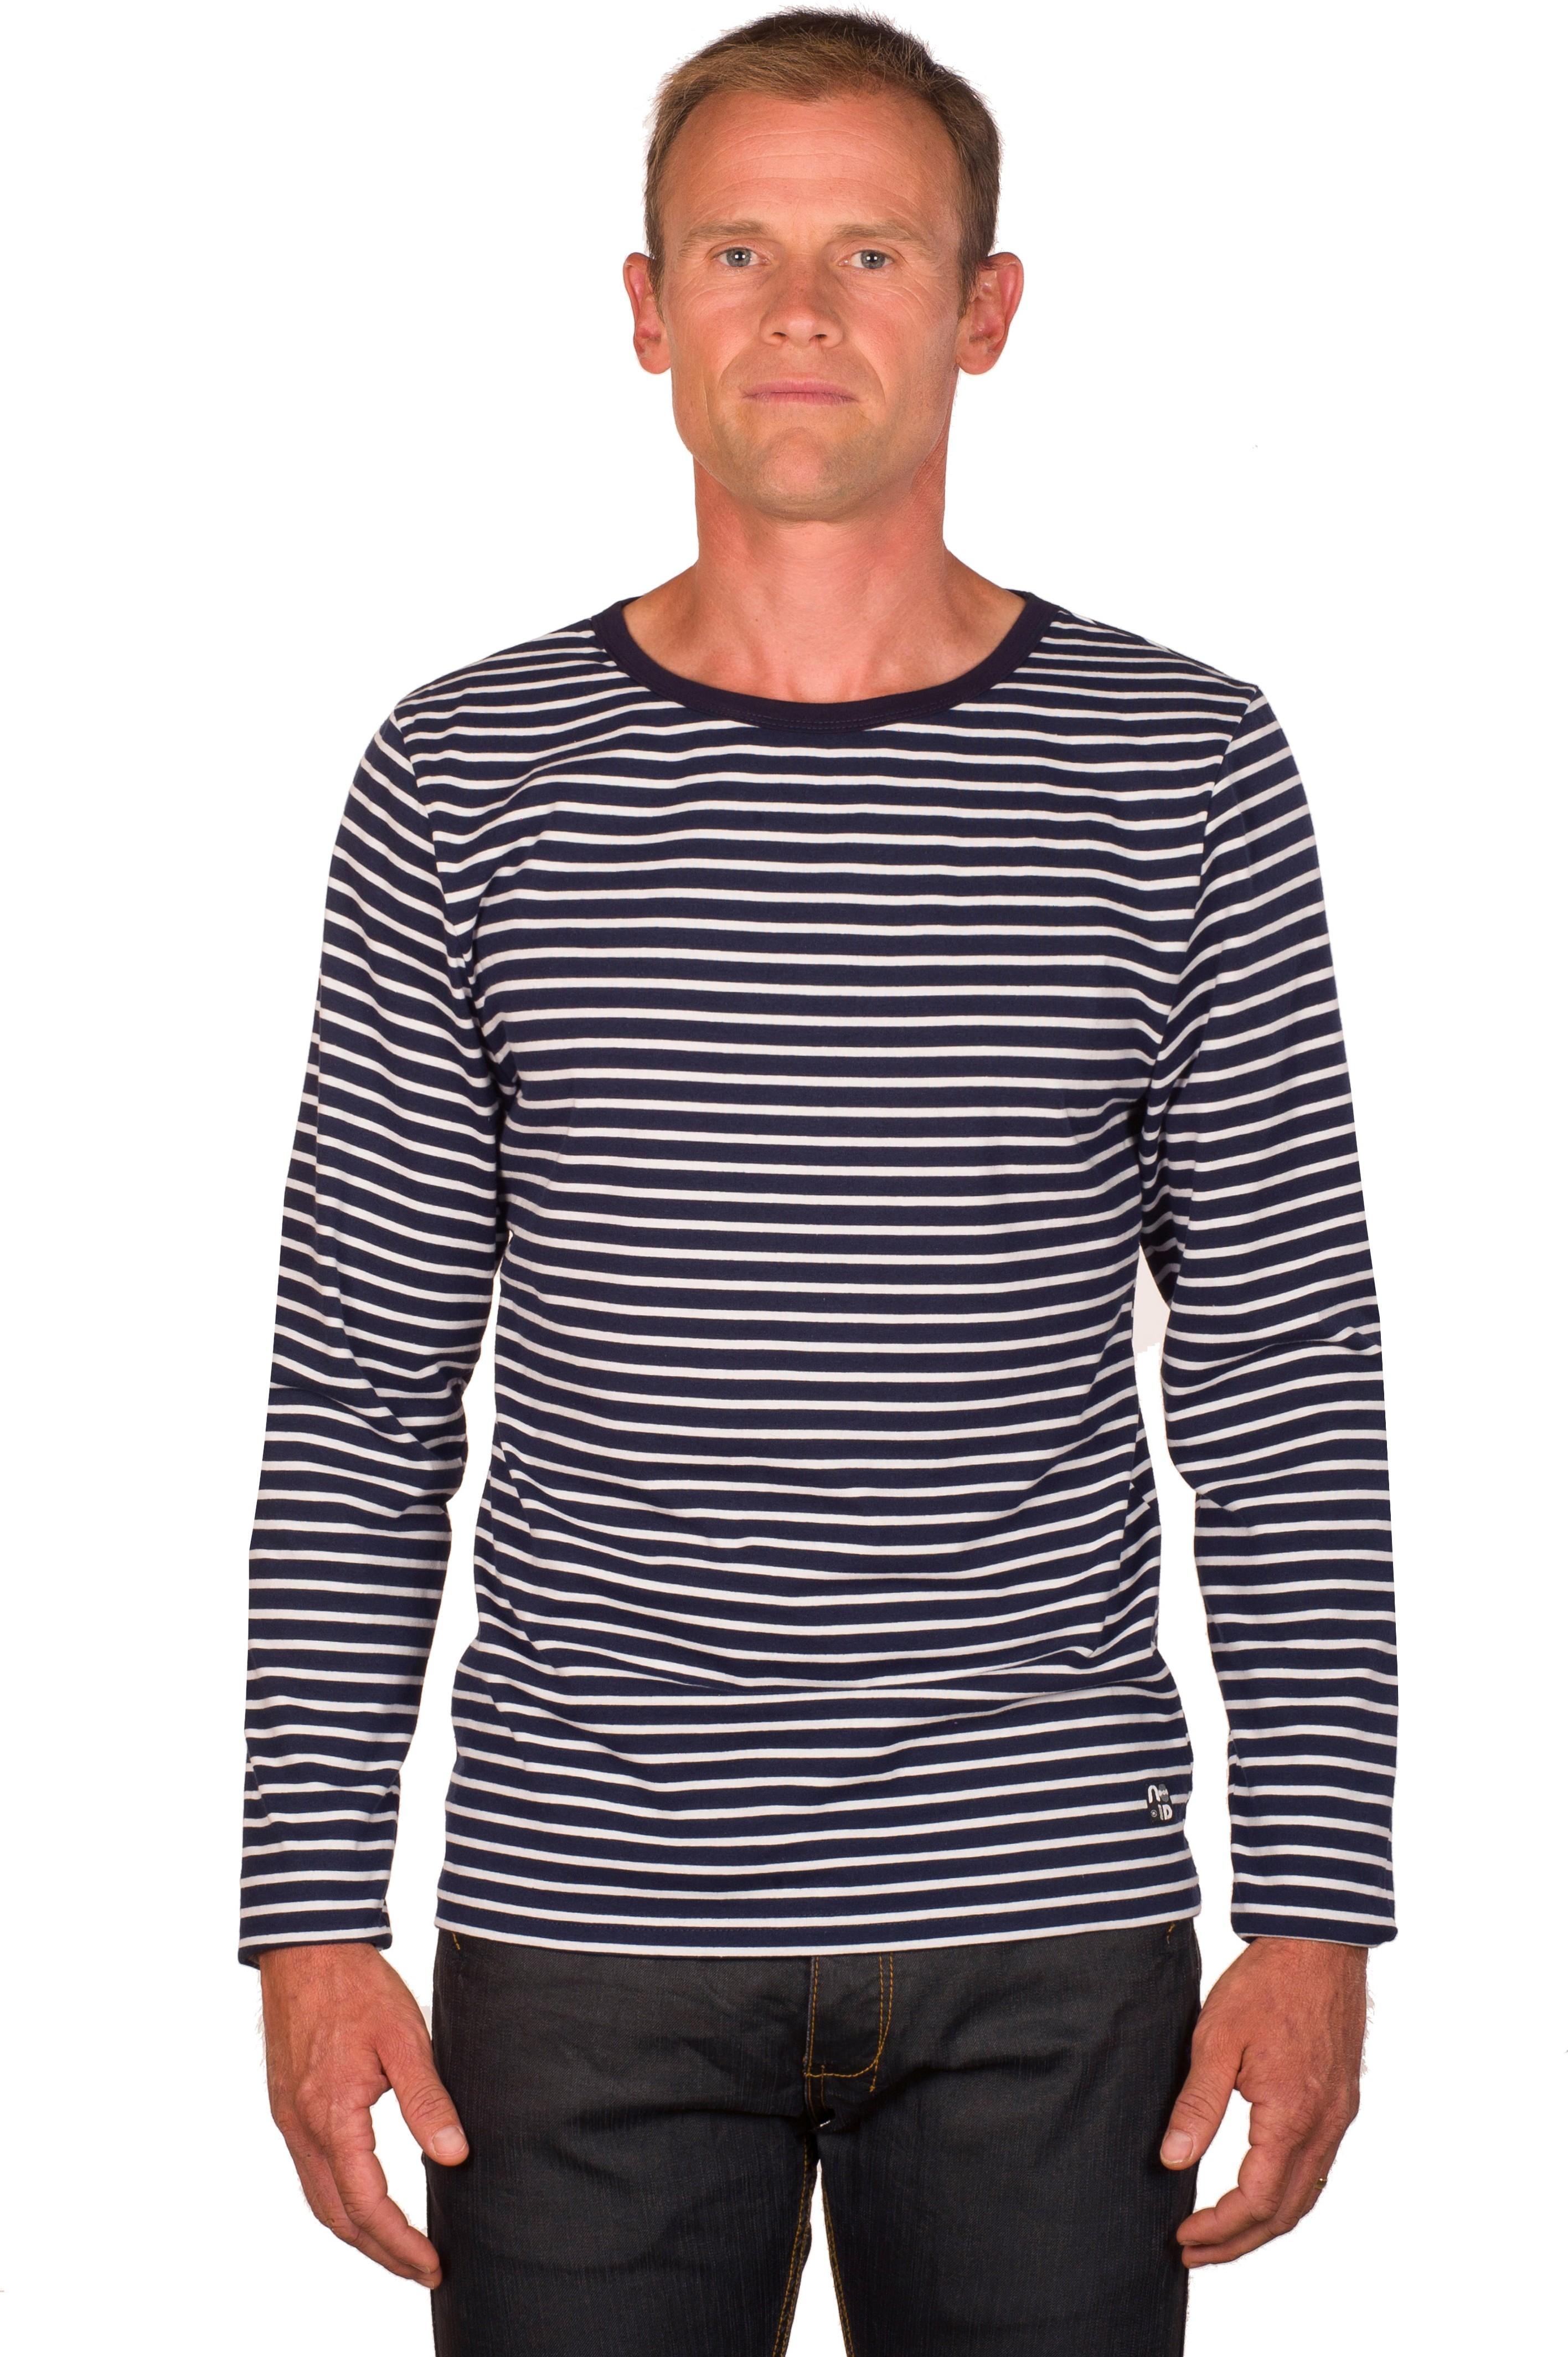 a61ad4089cd5b Marinière tee-shirt pour homme - Vente de marinières t-shirts en ...